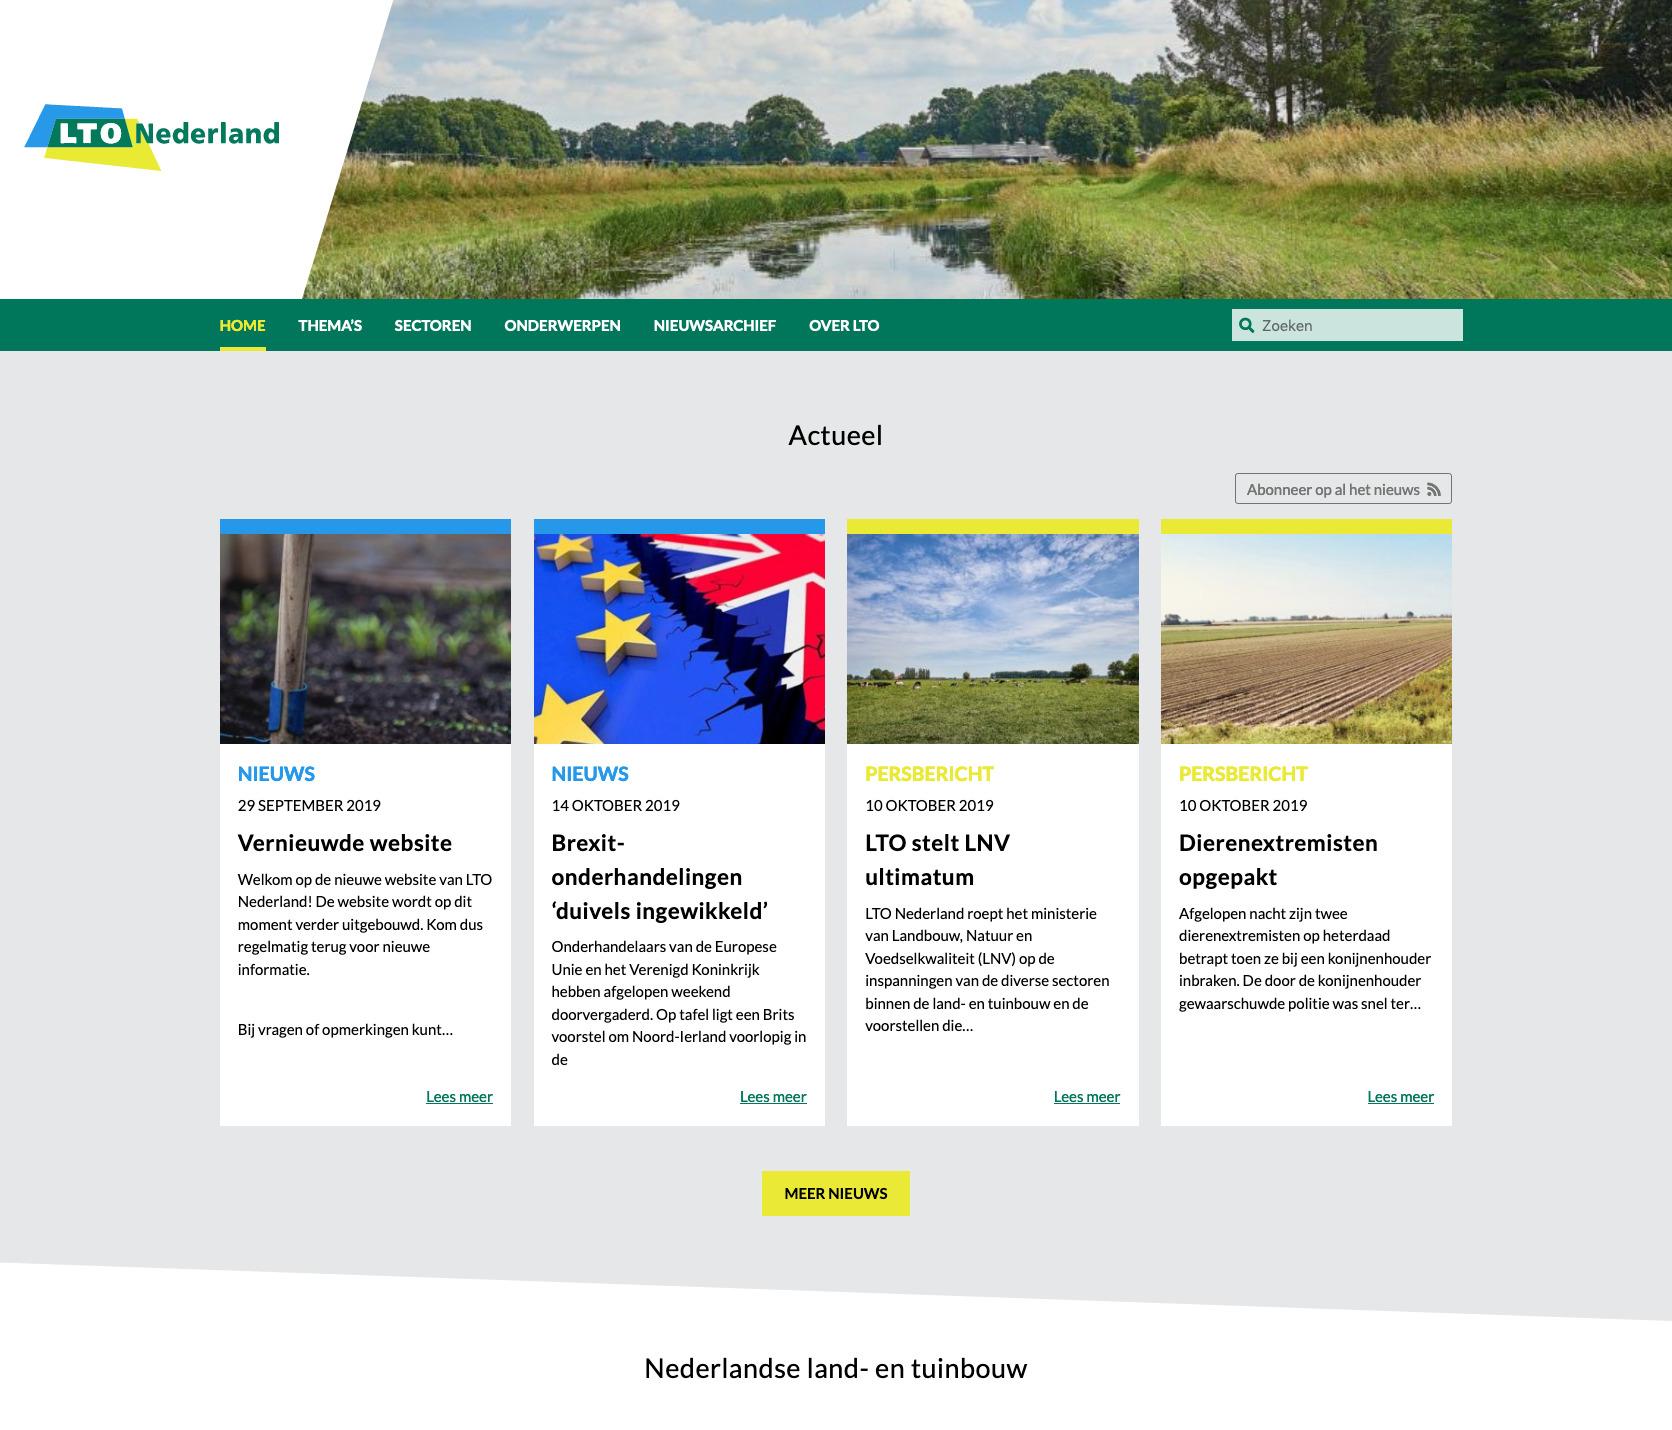 LTO Nederland